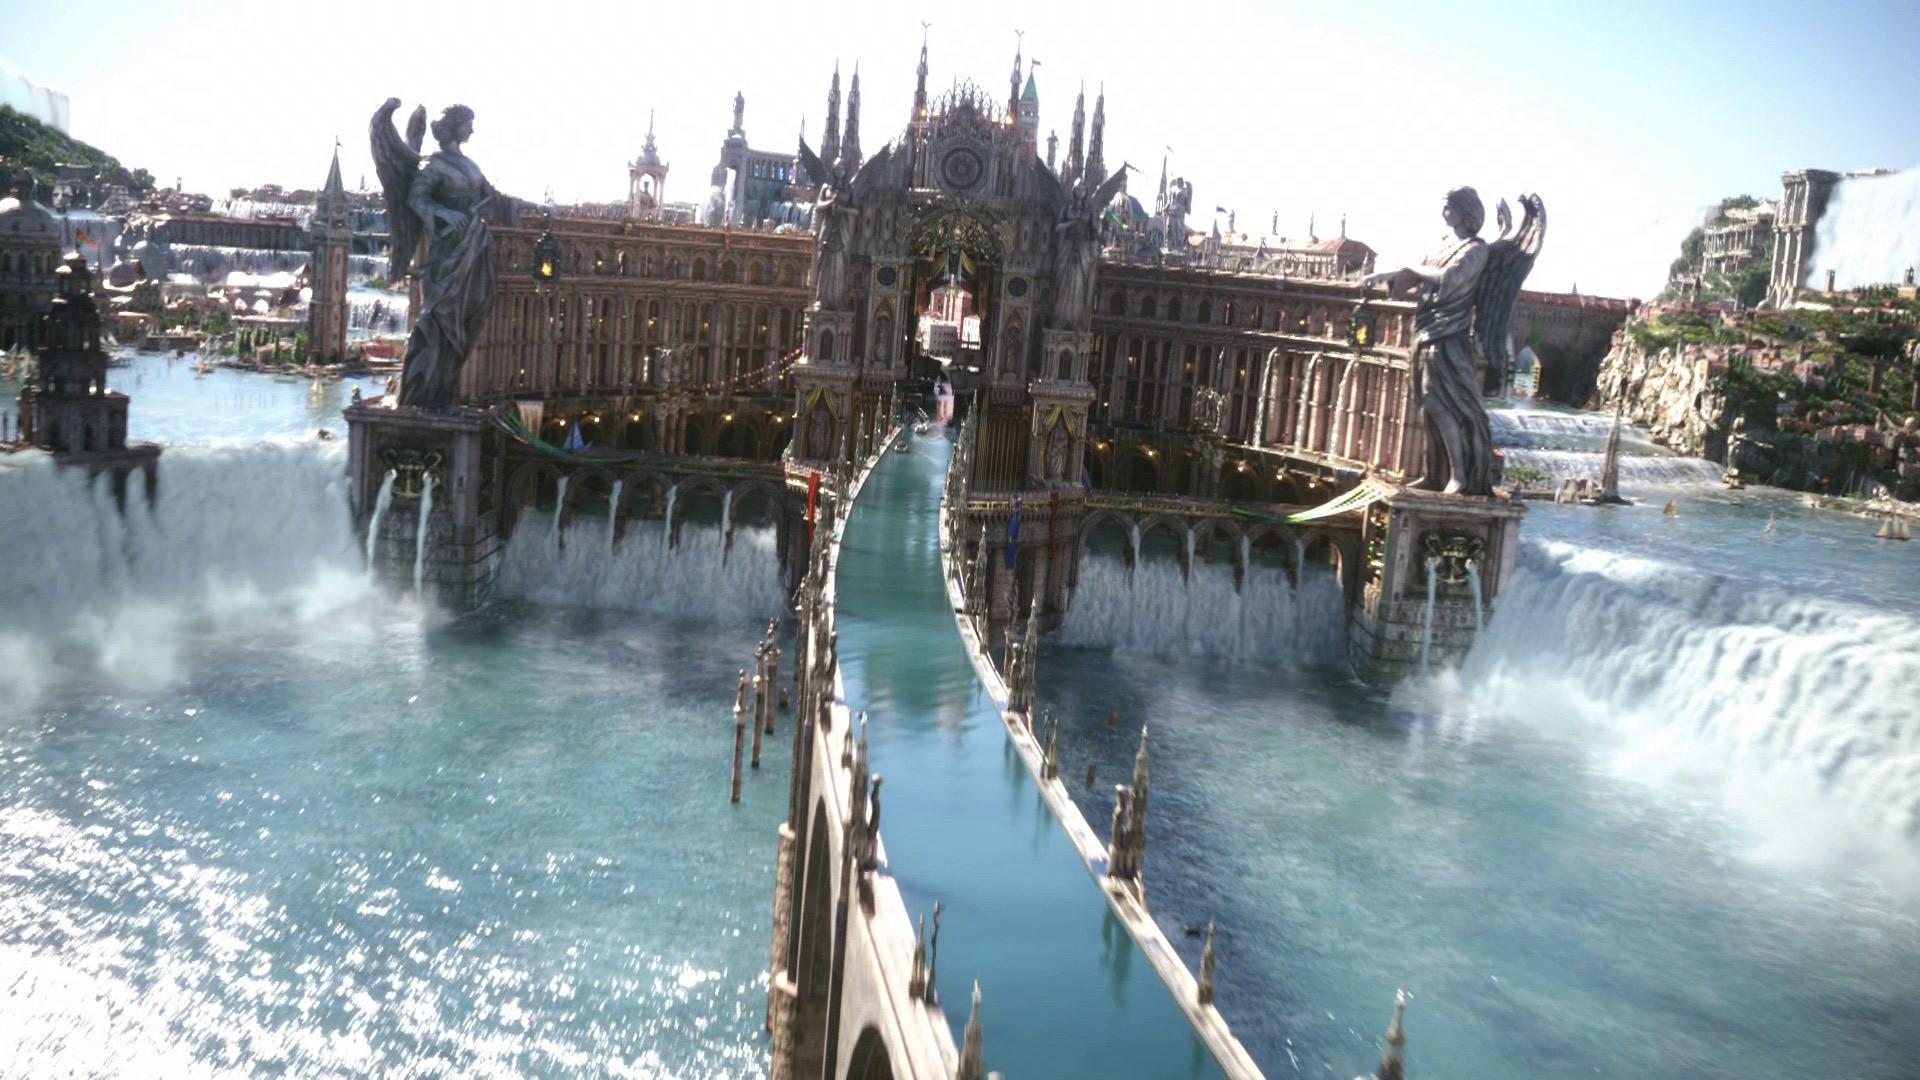 Altissia, capital of Accordo – Final Fantasy XV wallpaper